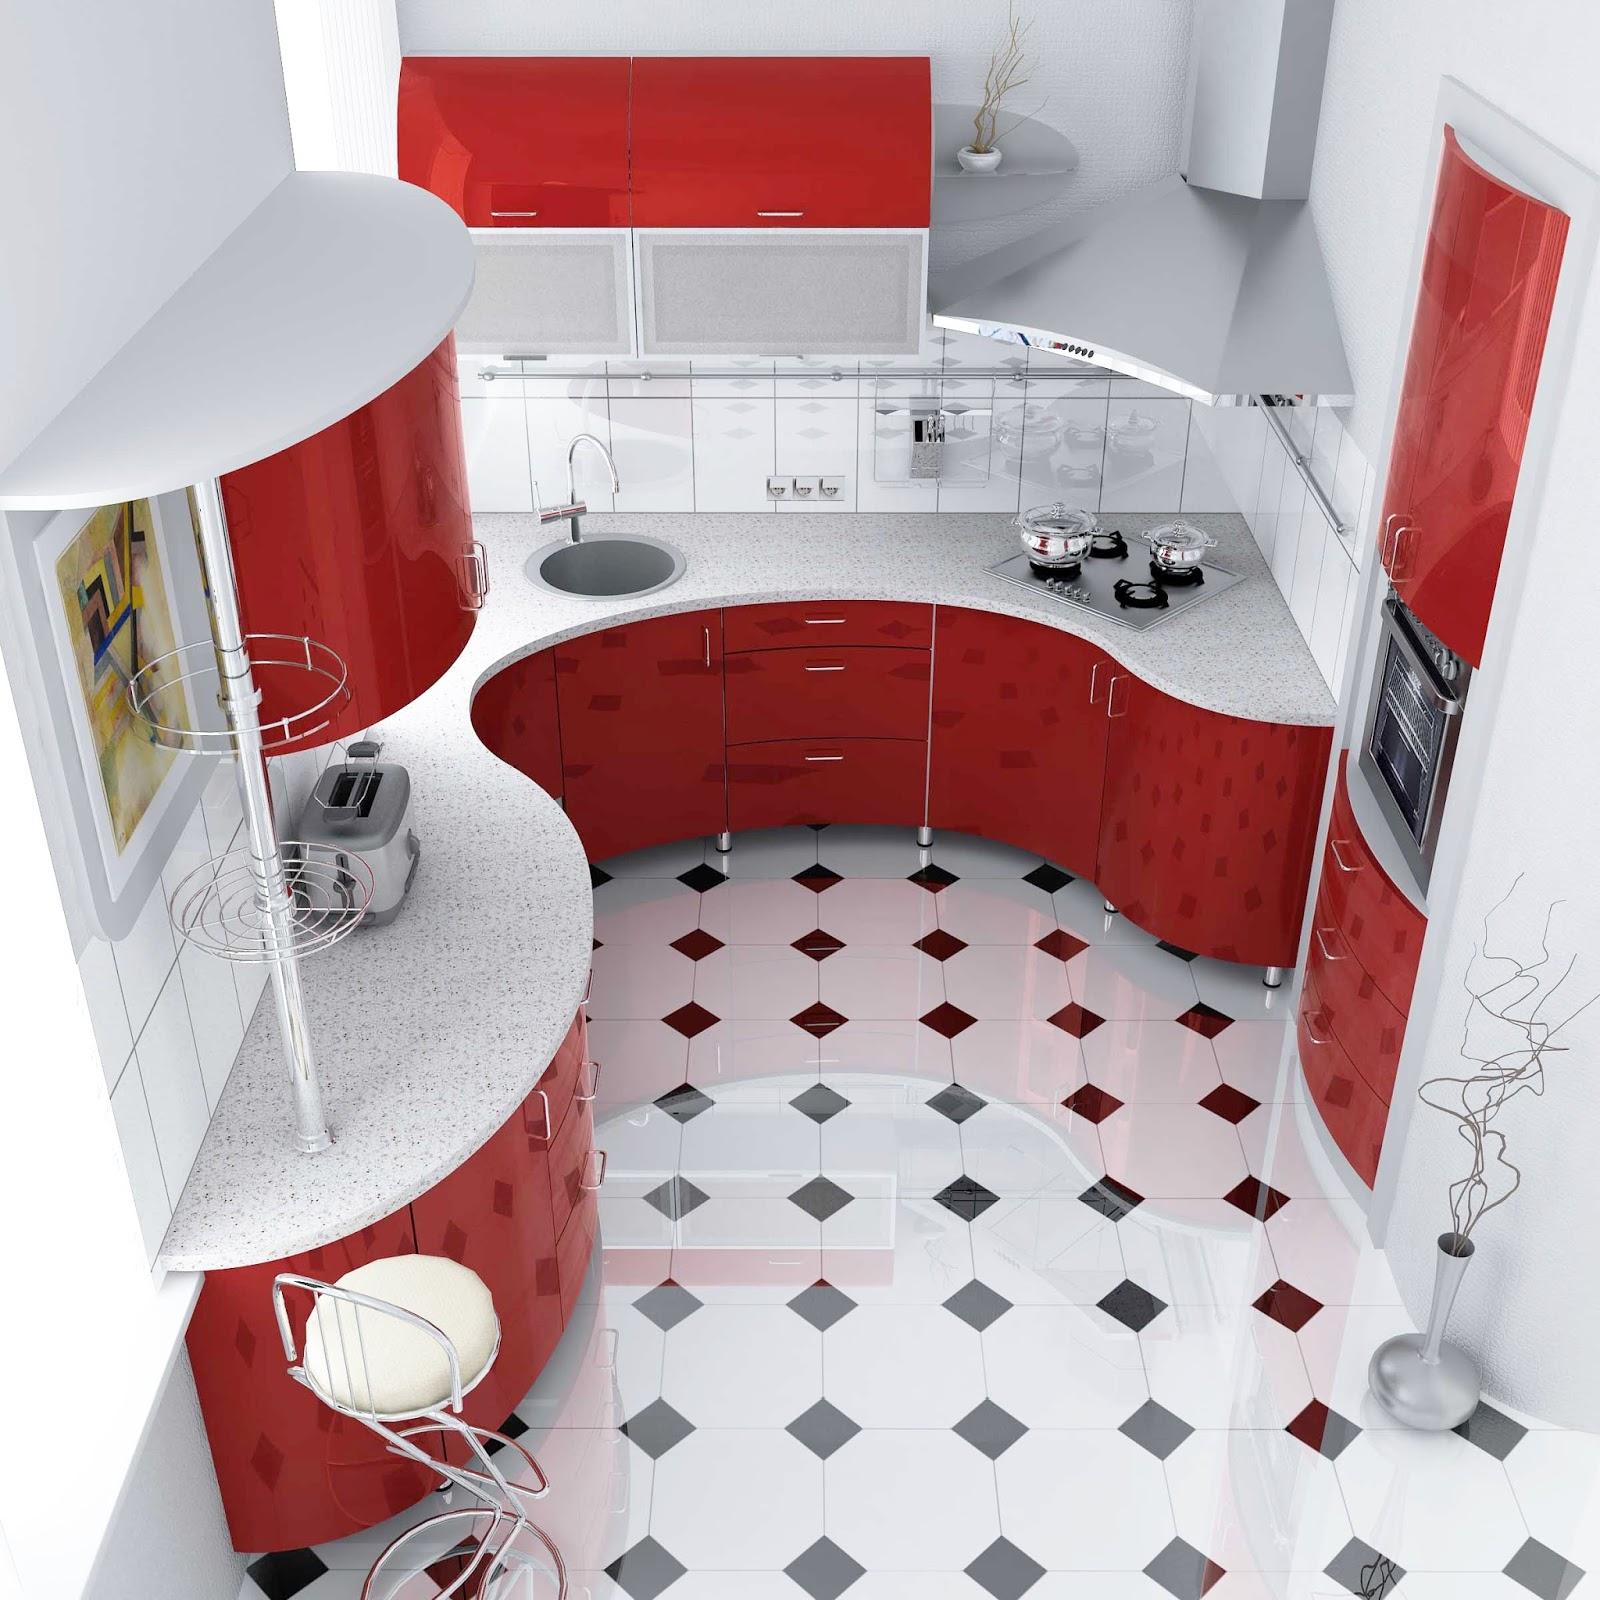 Best 55 Modular Red Kitchen Designs, Cabinets, Walls